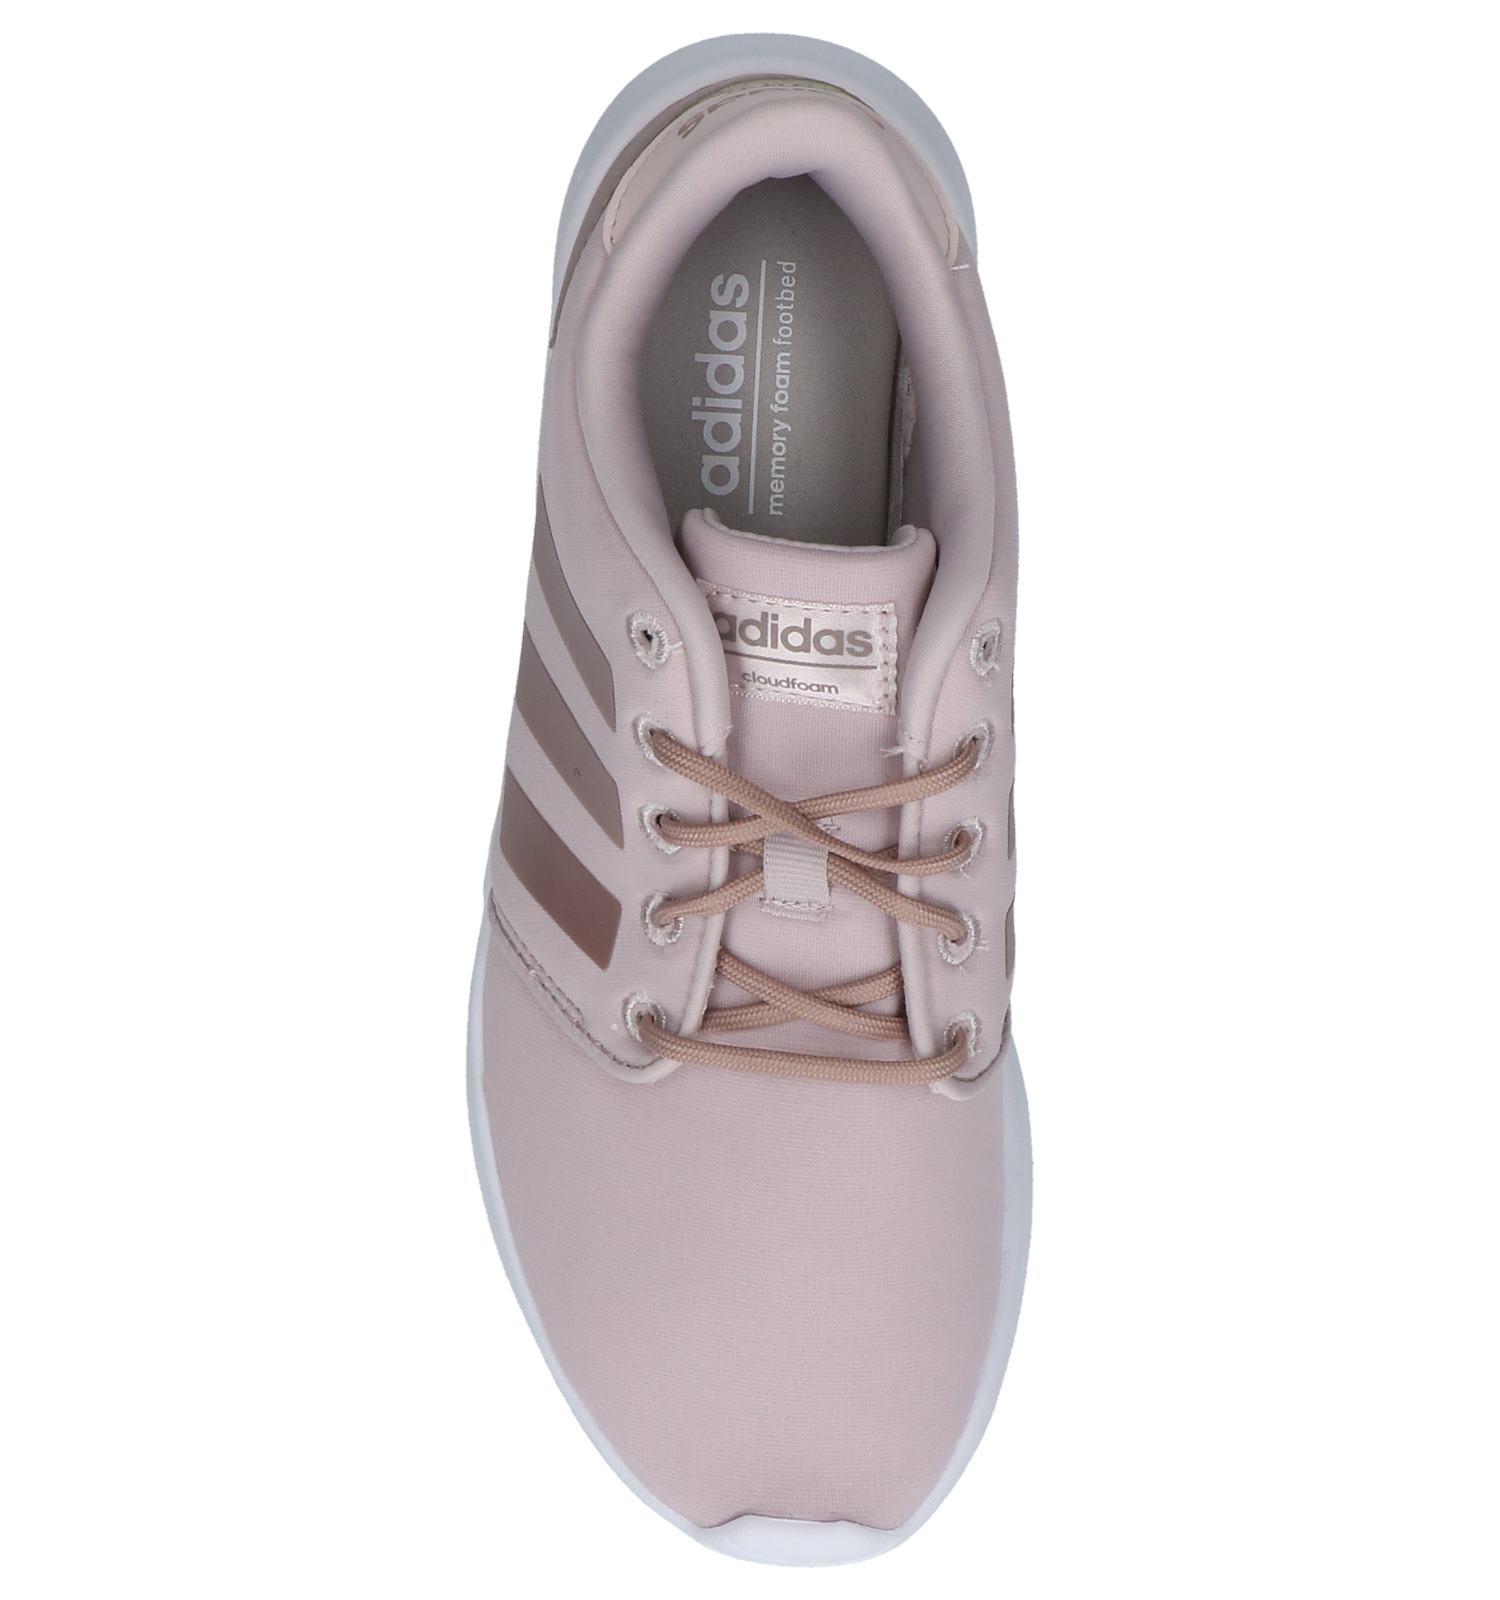 on sale 6e24f 99534 adidas Cloudfoam QT Racer Roze Sneakers  TORFS.BE  Gratis verzend en  retour